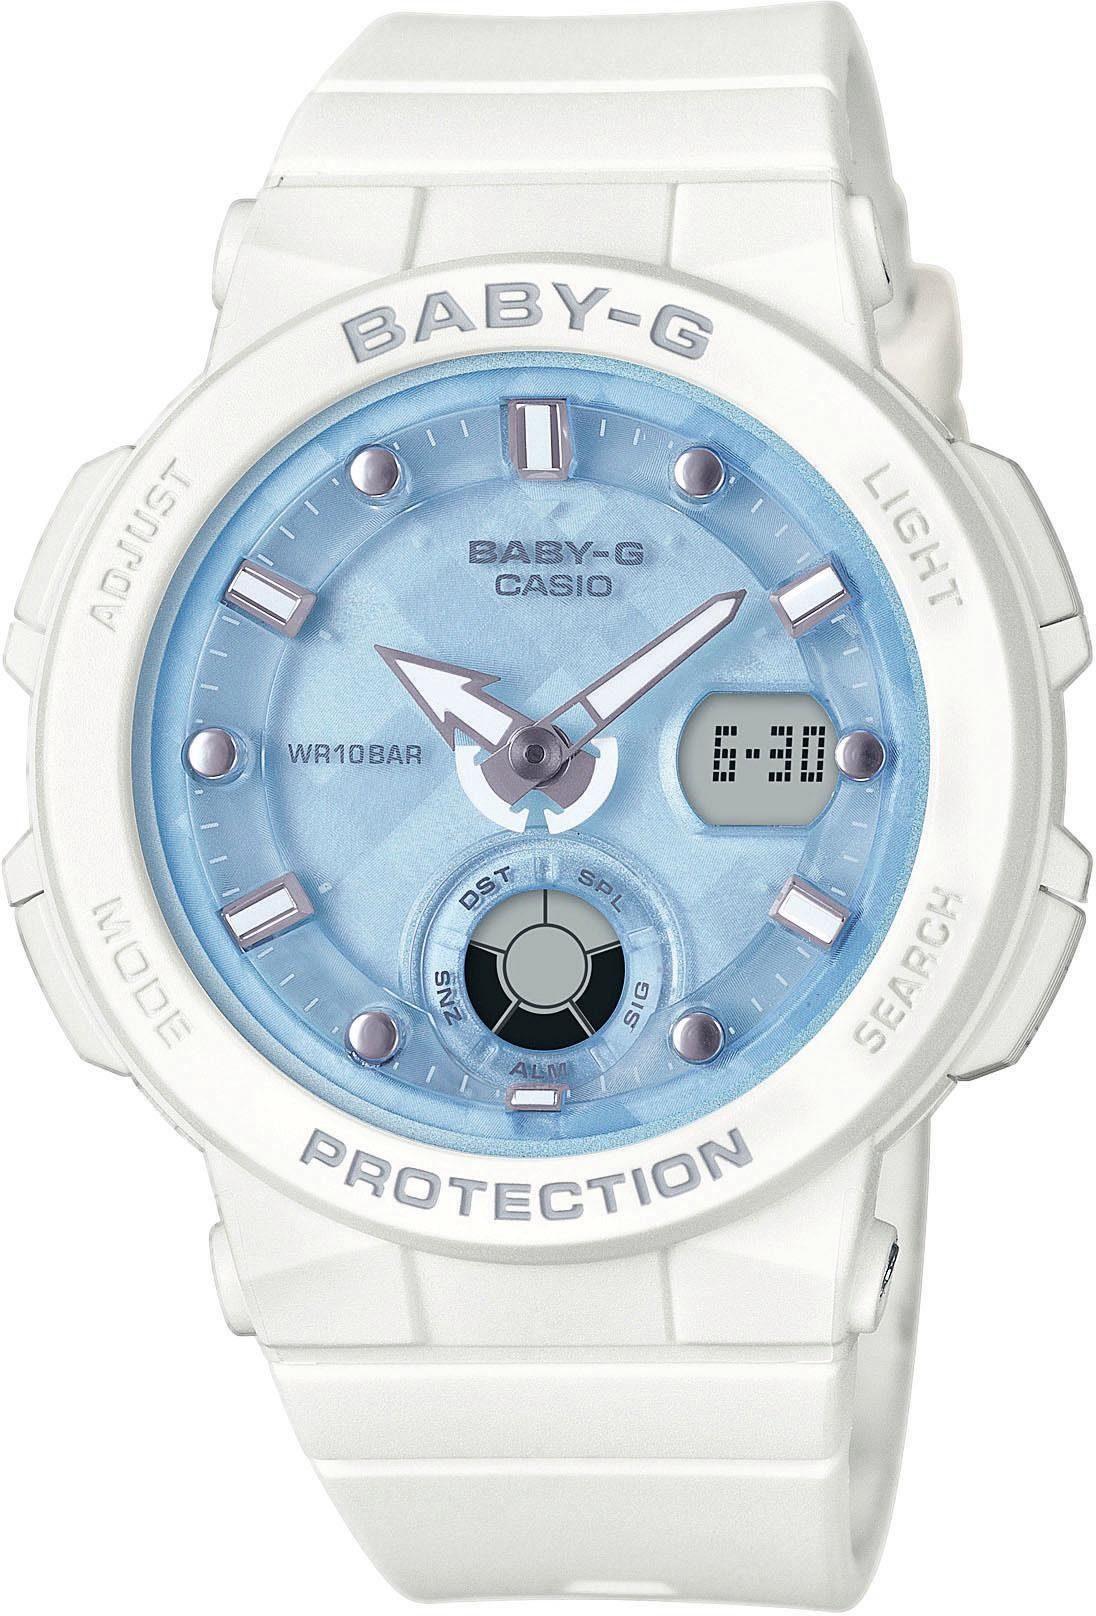 CASIO BABY-G Chronograph »BGA-250-7A1ER«